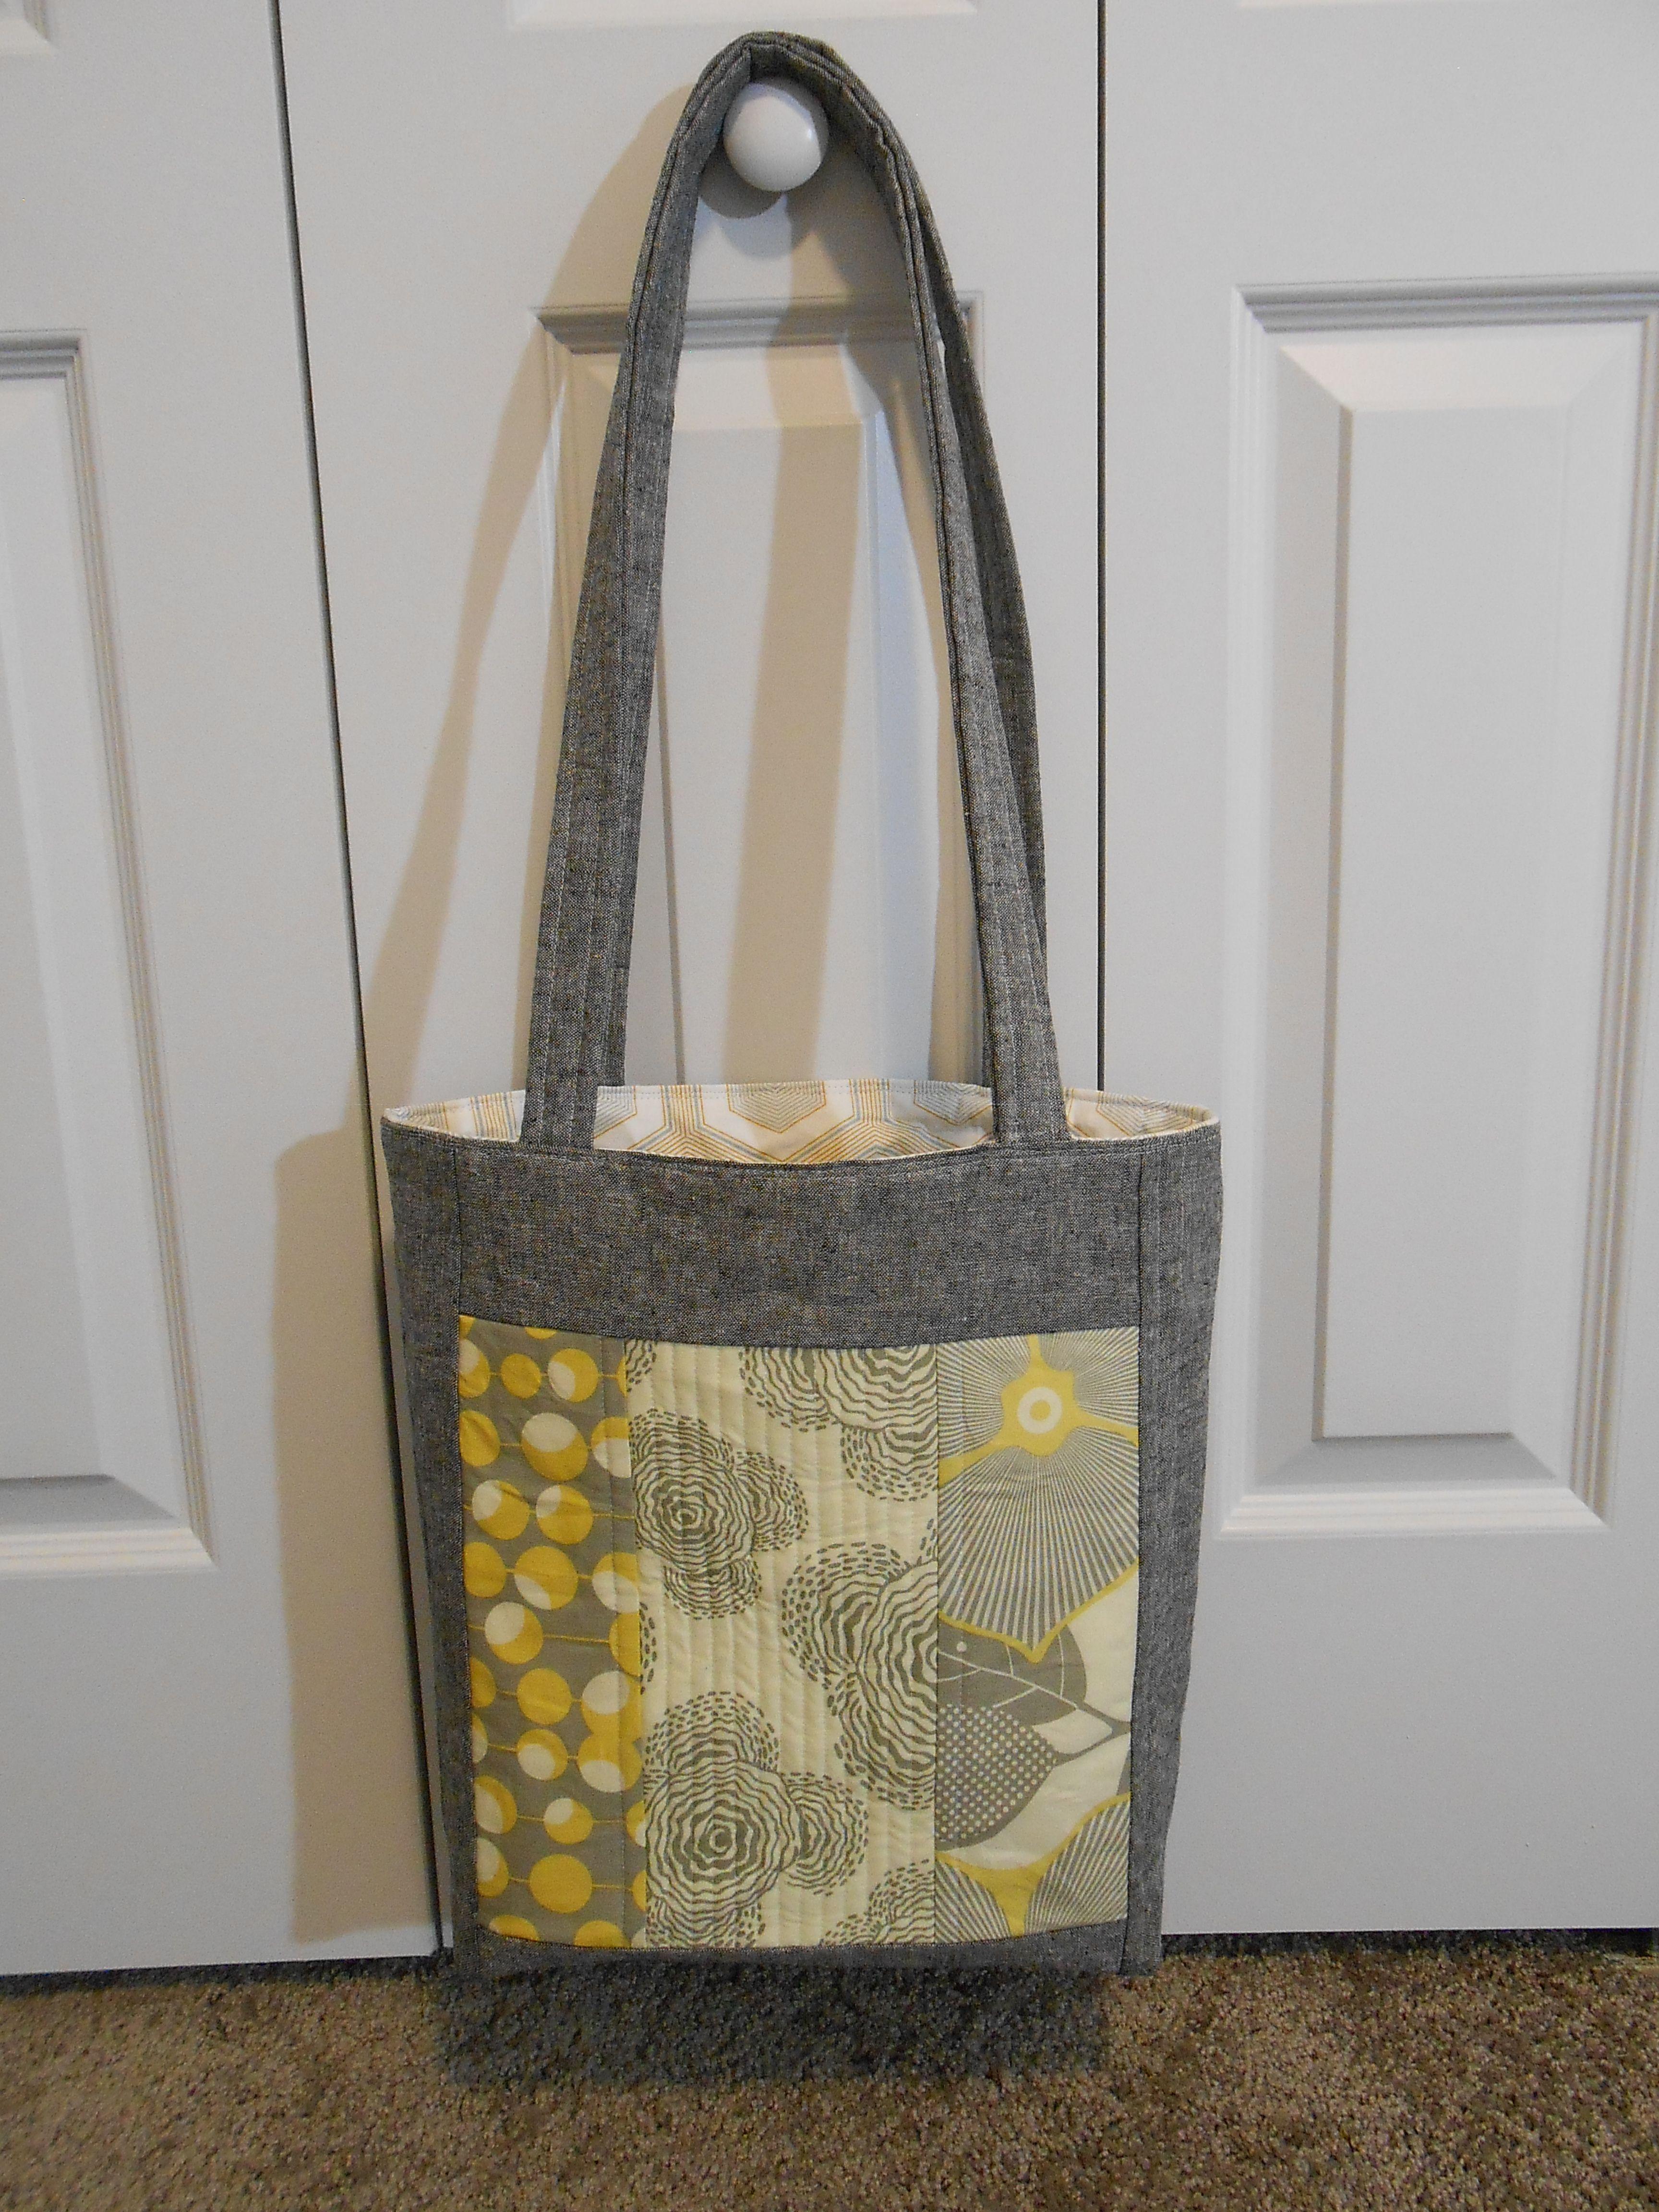 Tutorial: Make a Quilt-As-You-Go Tote Bag | Sewing Projects ... : quilt as you go tote - Adamdwight.com